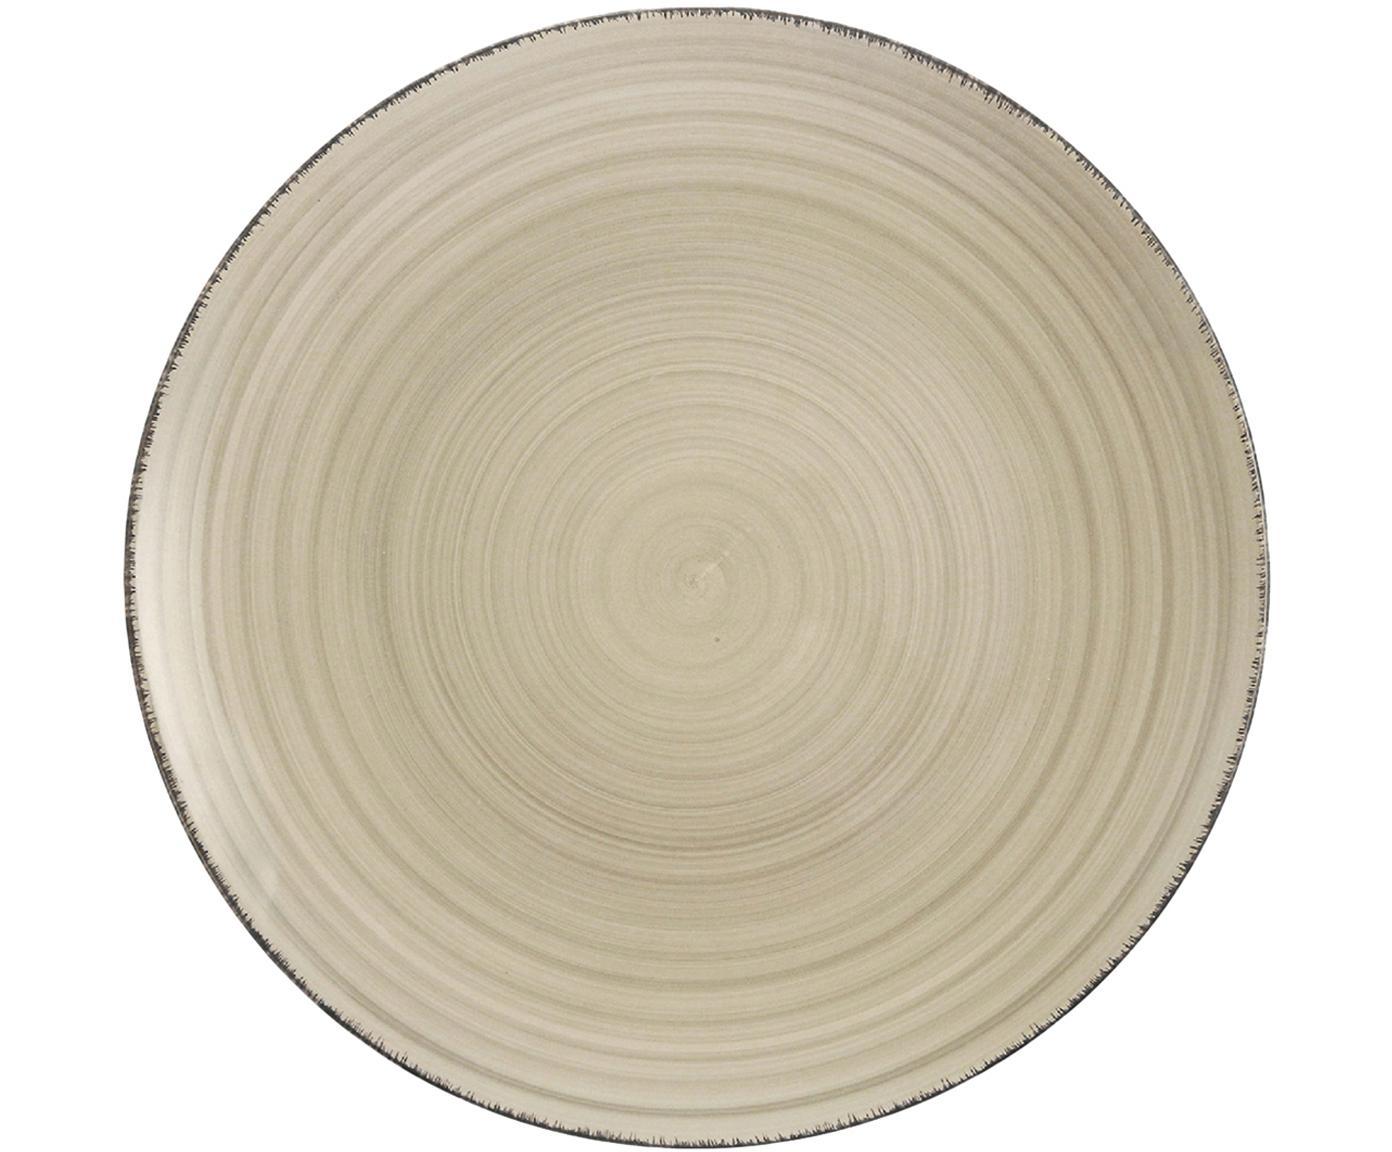 Platos postre Baita, 6uds., Gres, pintadaamano, Gris, Ø 20 cm